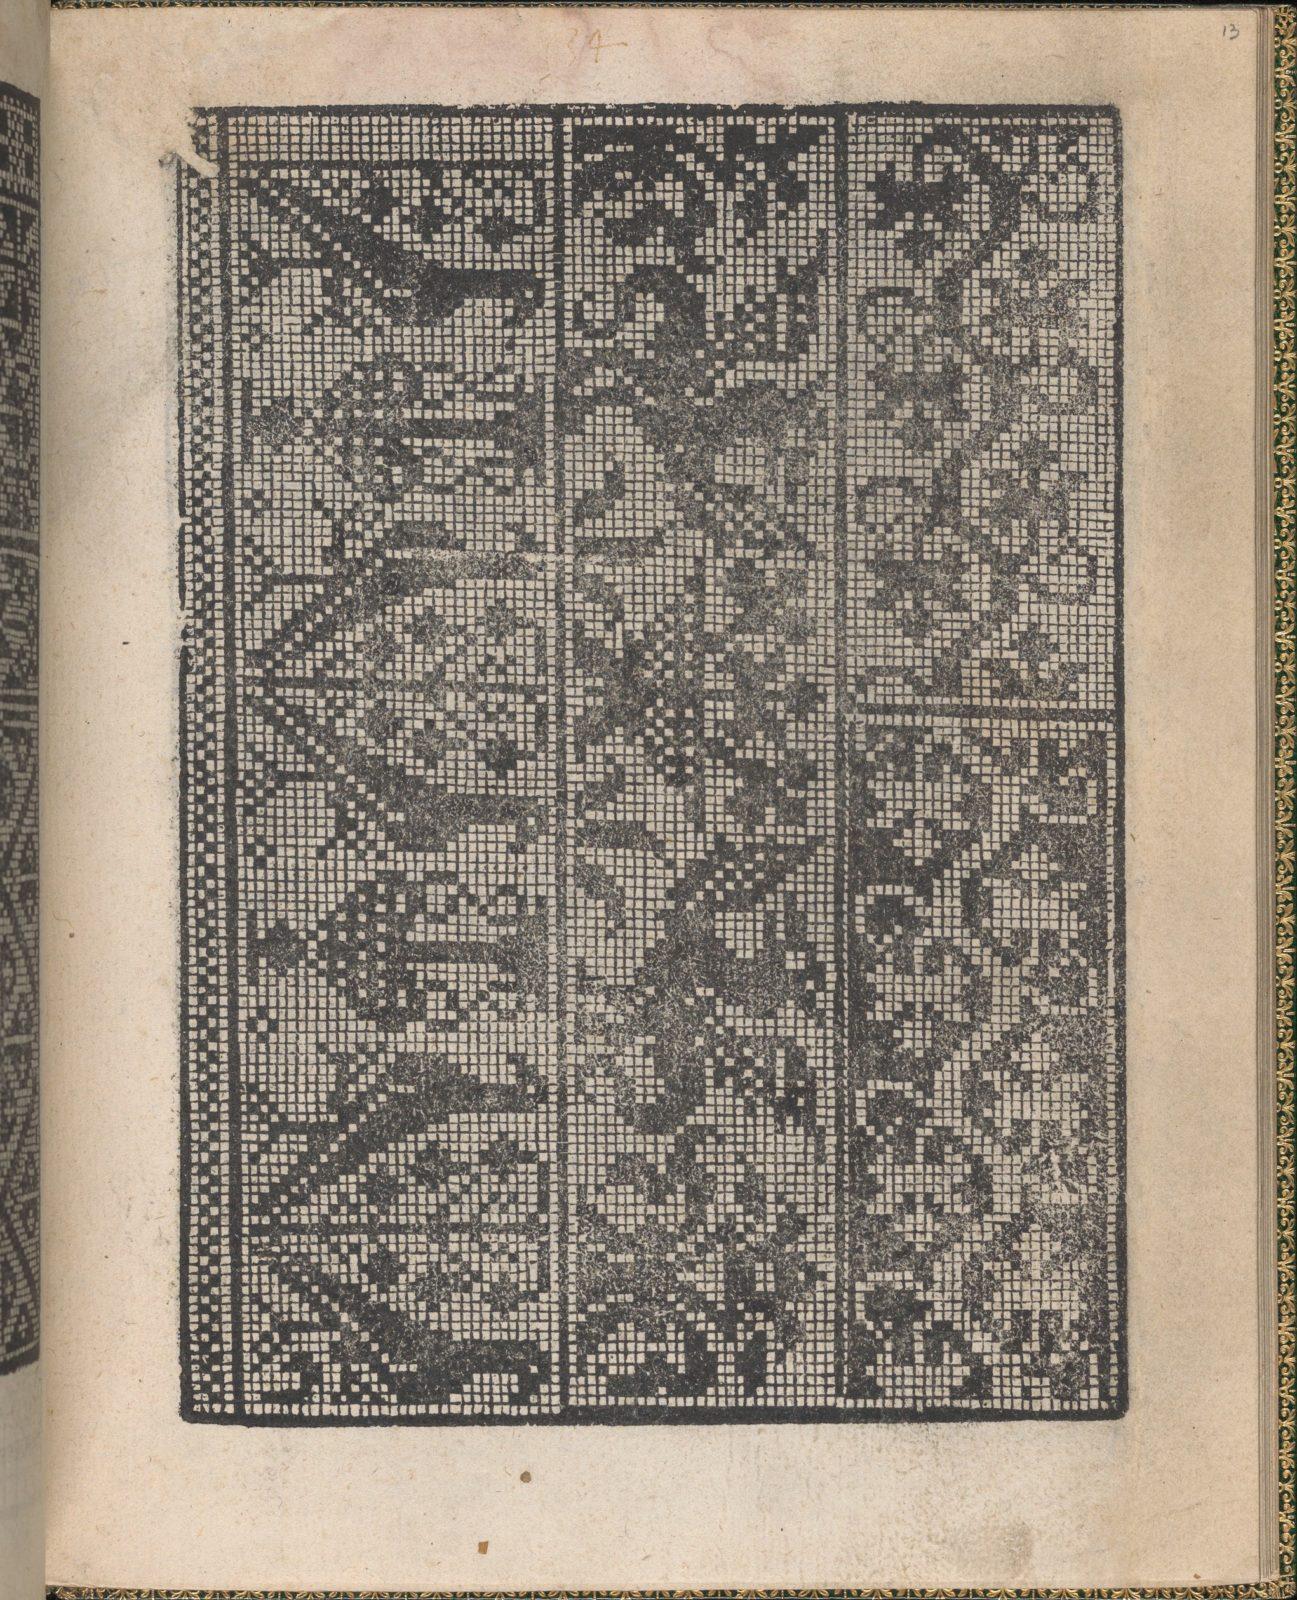 Ornamento delle belle & virtuose donne, page 7 (verso)